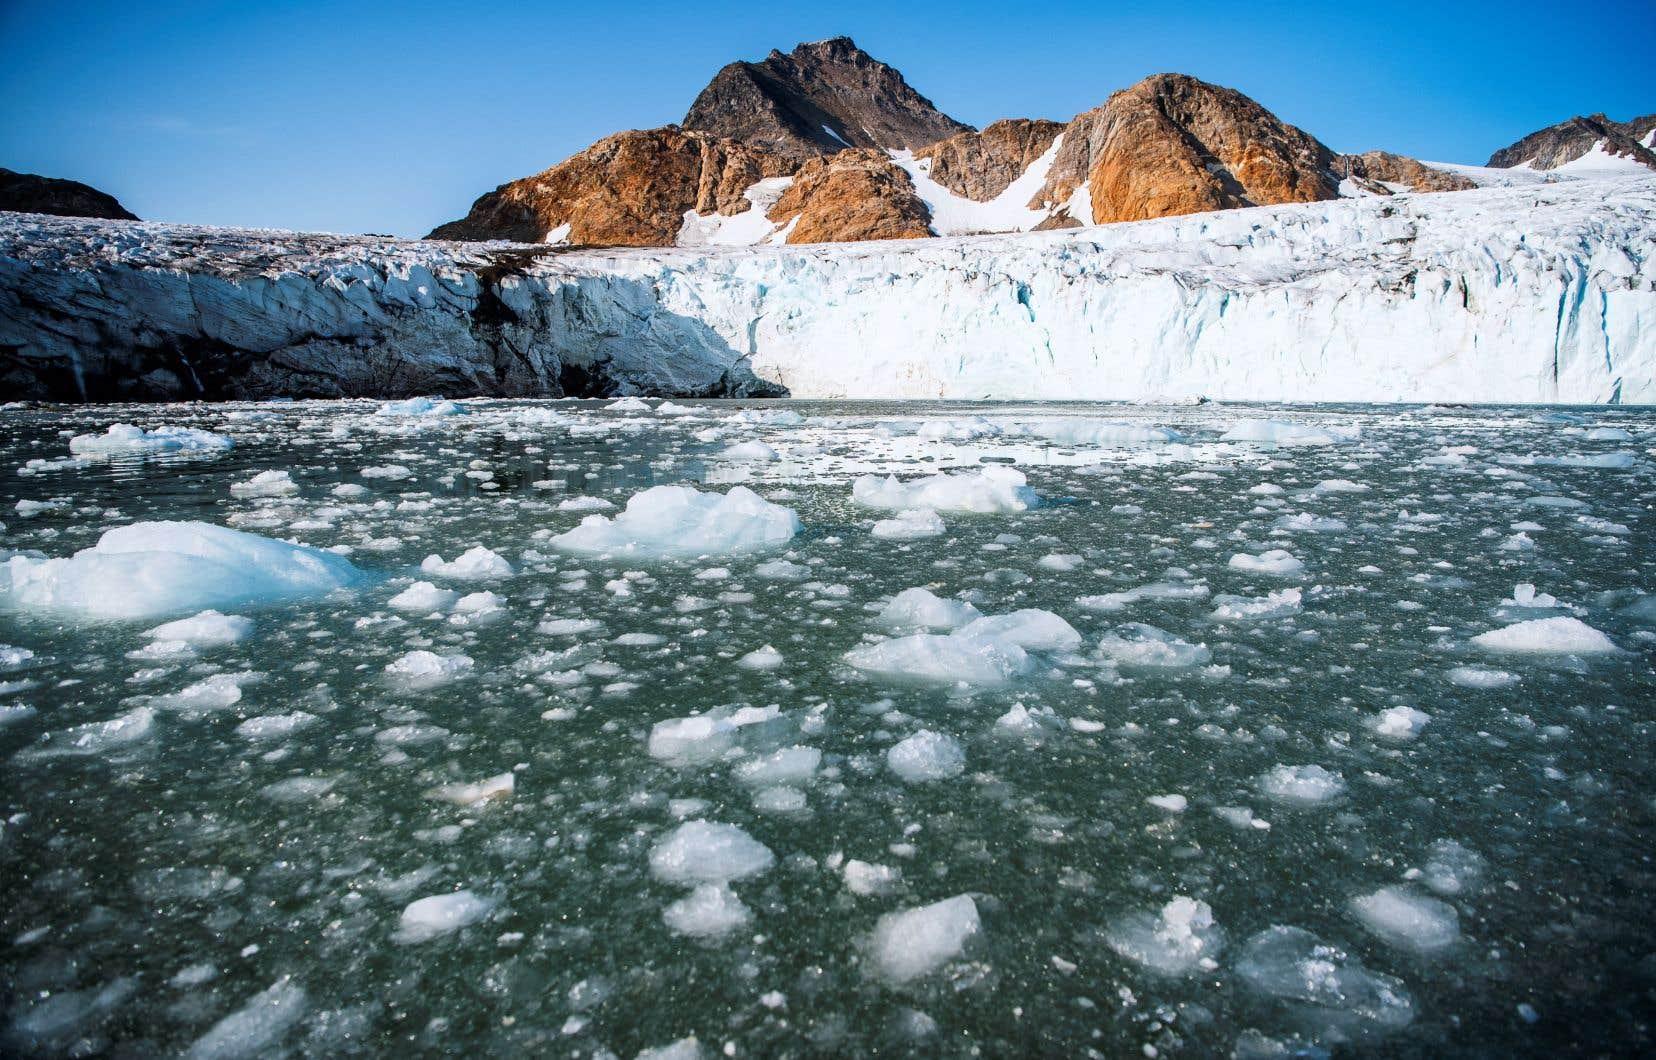 Selon les projections citées par le rapport, les températures moyennes de l'Arctique devraient d'ici la fin du siècle grimper entre 3,3°C et 10°C au-delà de leur moyenne sur la période 1985-2014, le chiffre exact dépendant du volume des futures émissions de gaz à effet de serre.